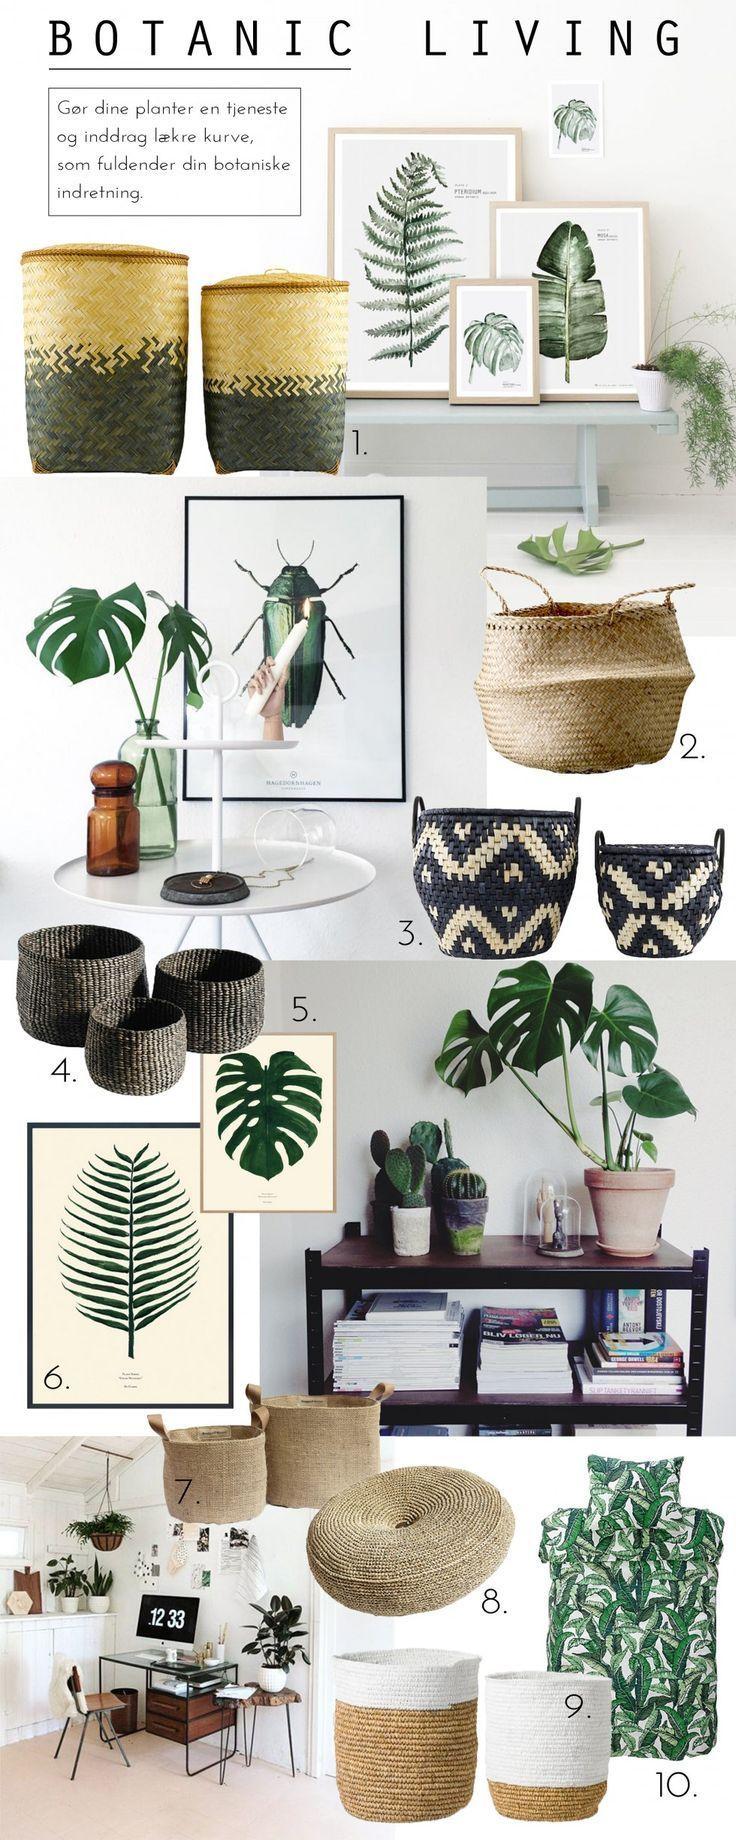 nice Botanic living: mine favoritter! by http://www.homedecorexpert.pw/home-decor-trends/botanic-living-mine-favoritter/